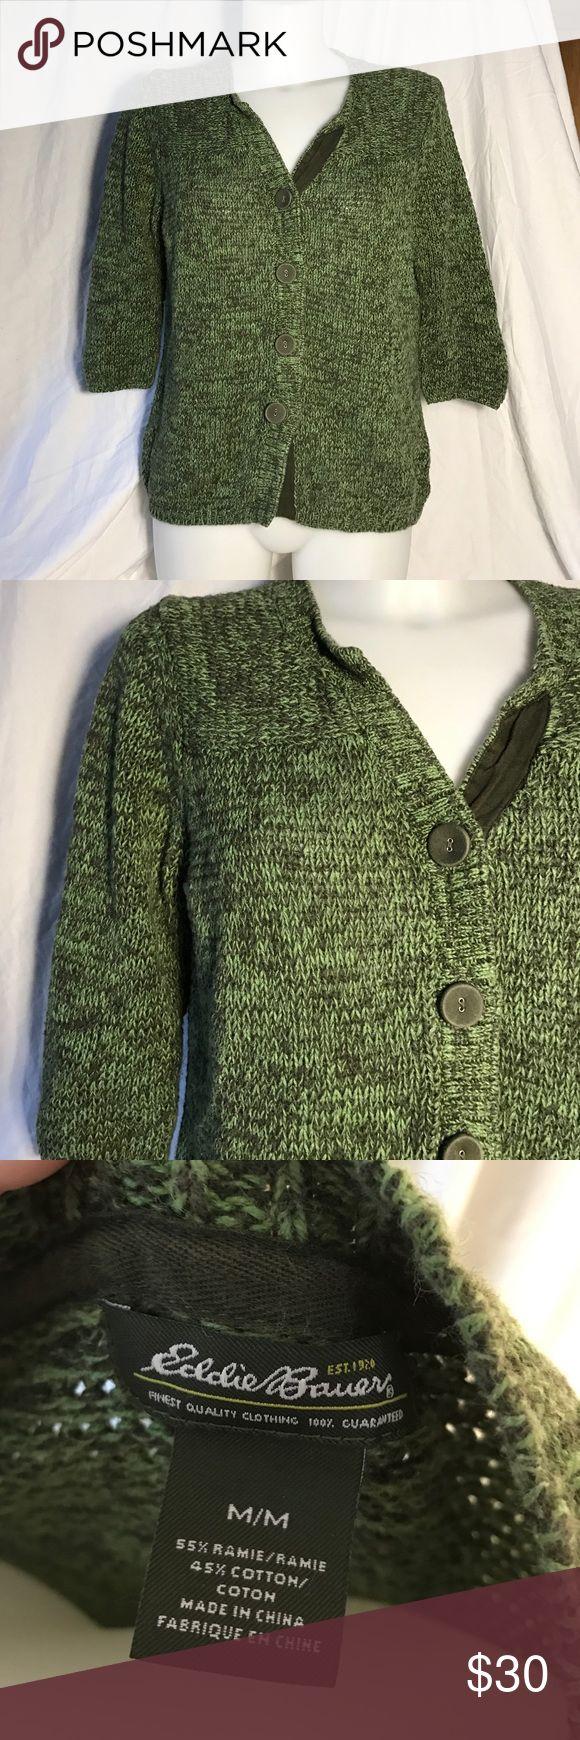 Eddie Bauer heathered green cardigan Olive green heathered cardigan Eddie Bauer Sweaters Cardigans